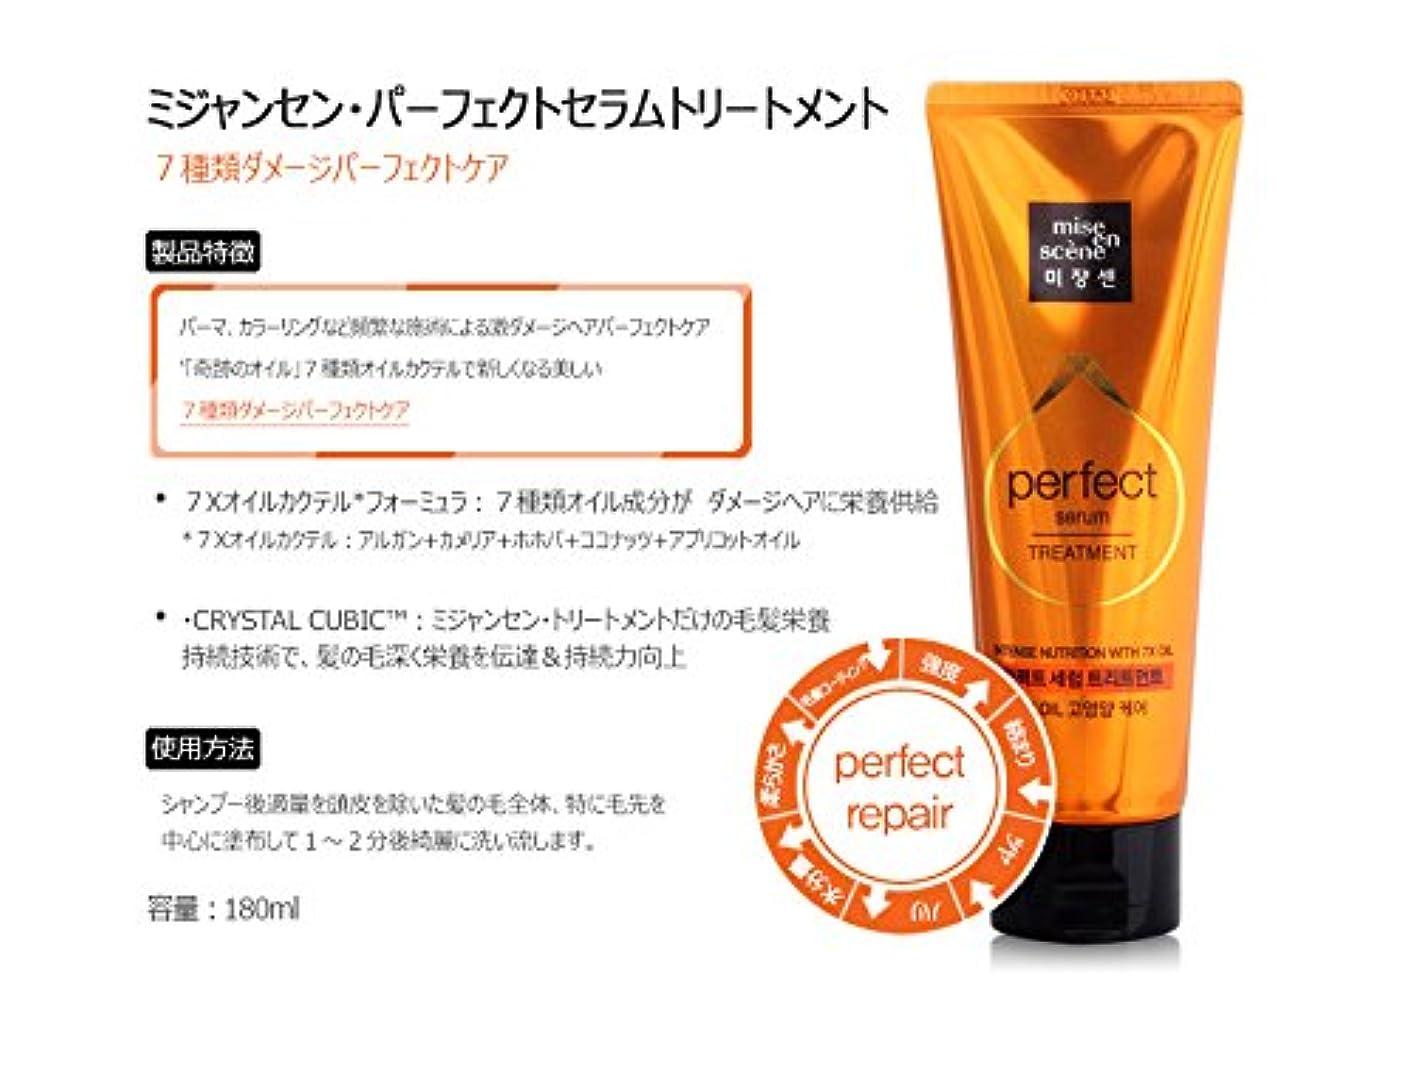 不透明な先例リンク[miseenscene]perfect serum treatment 180ml